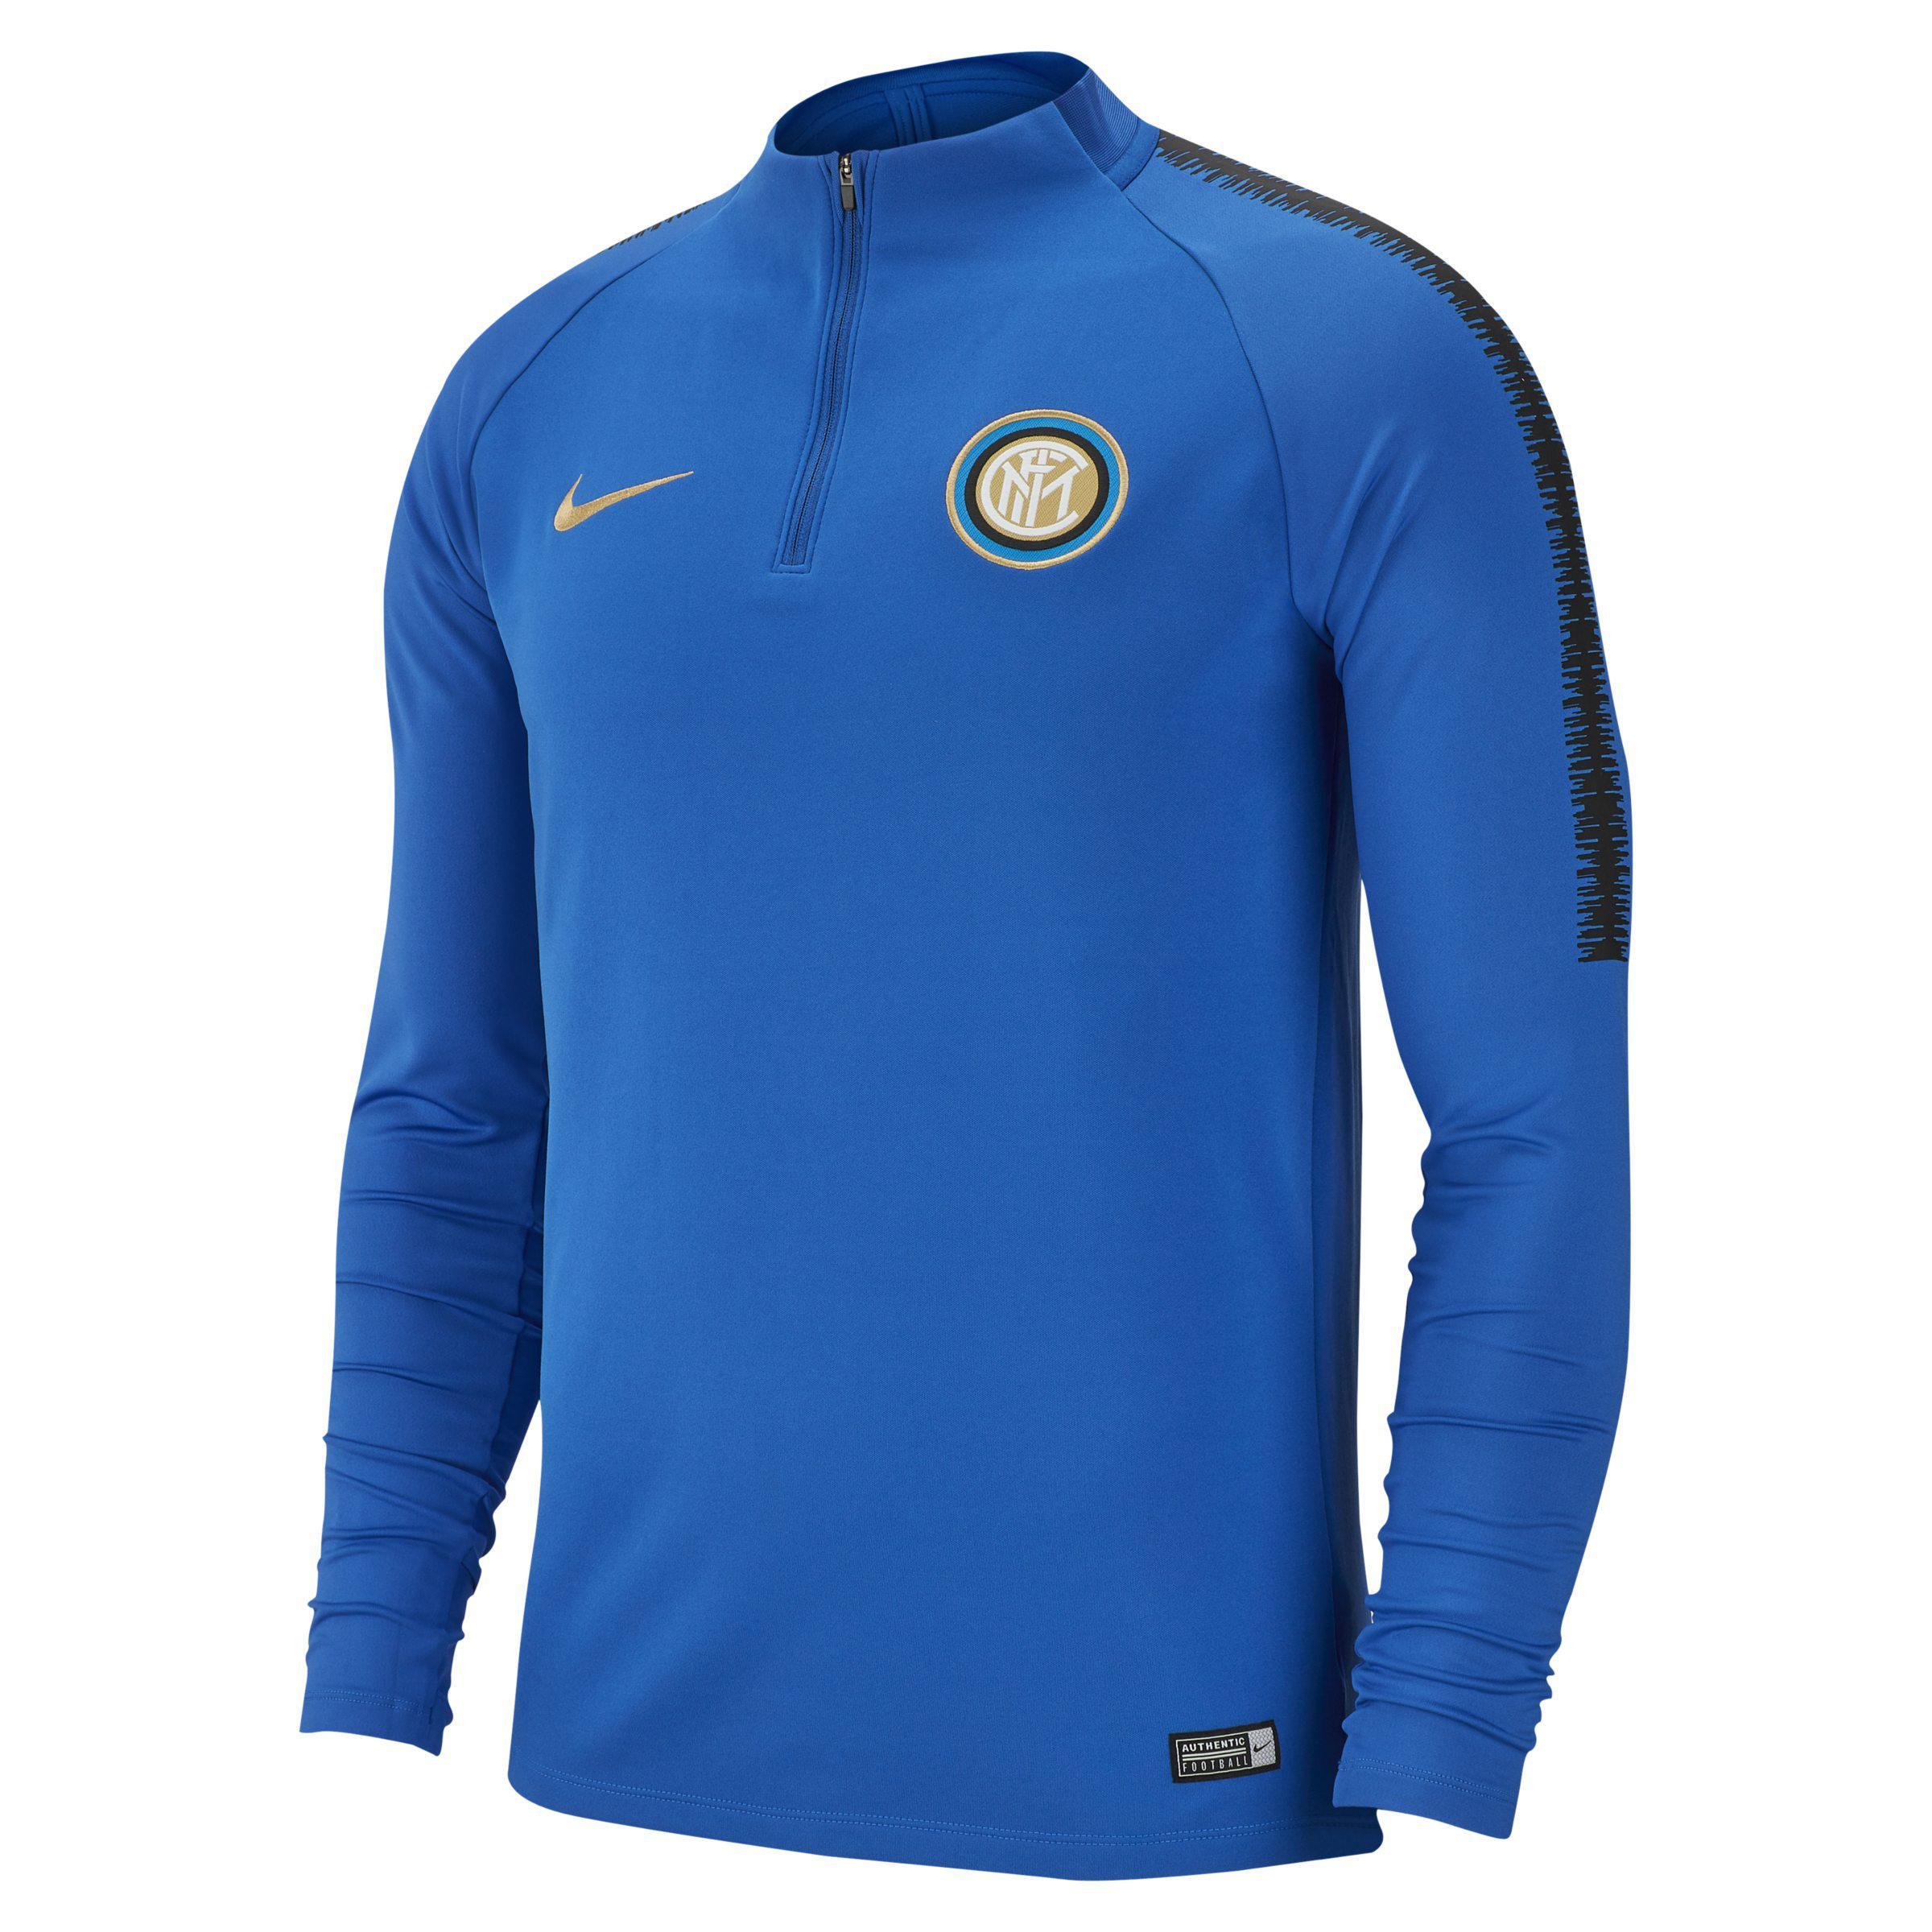 f6b183012 Nike Inter Milan Dri-fit Squad Drill Long-sleeve Football Top in ...